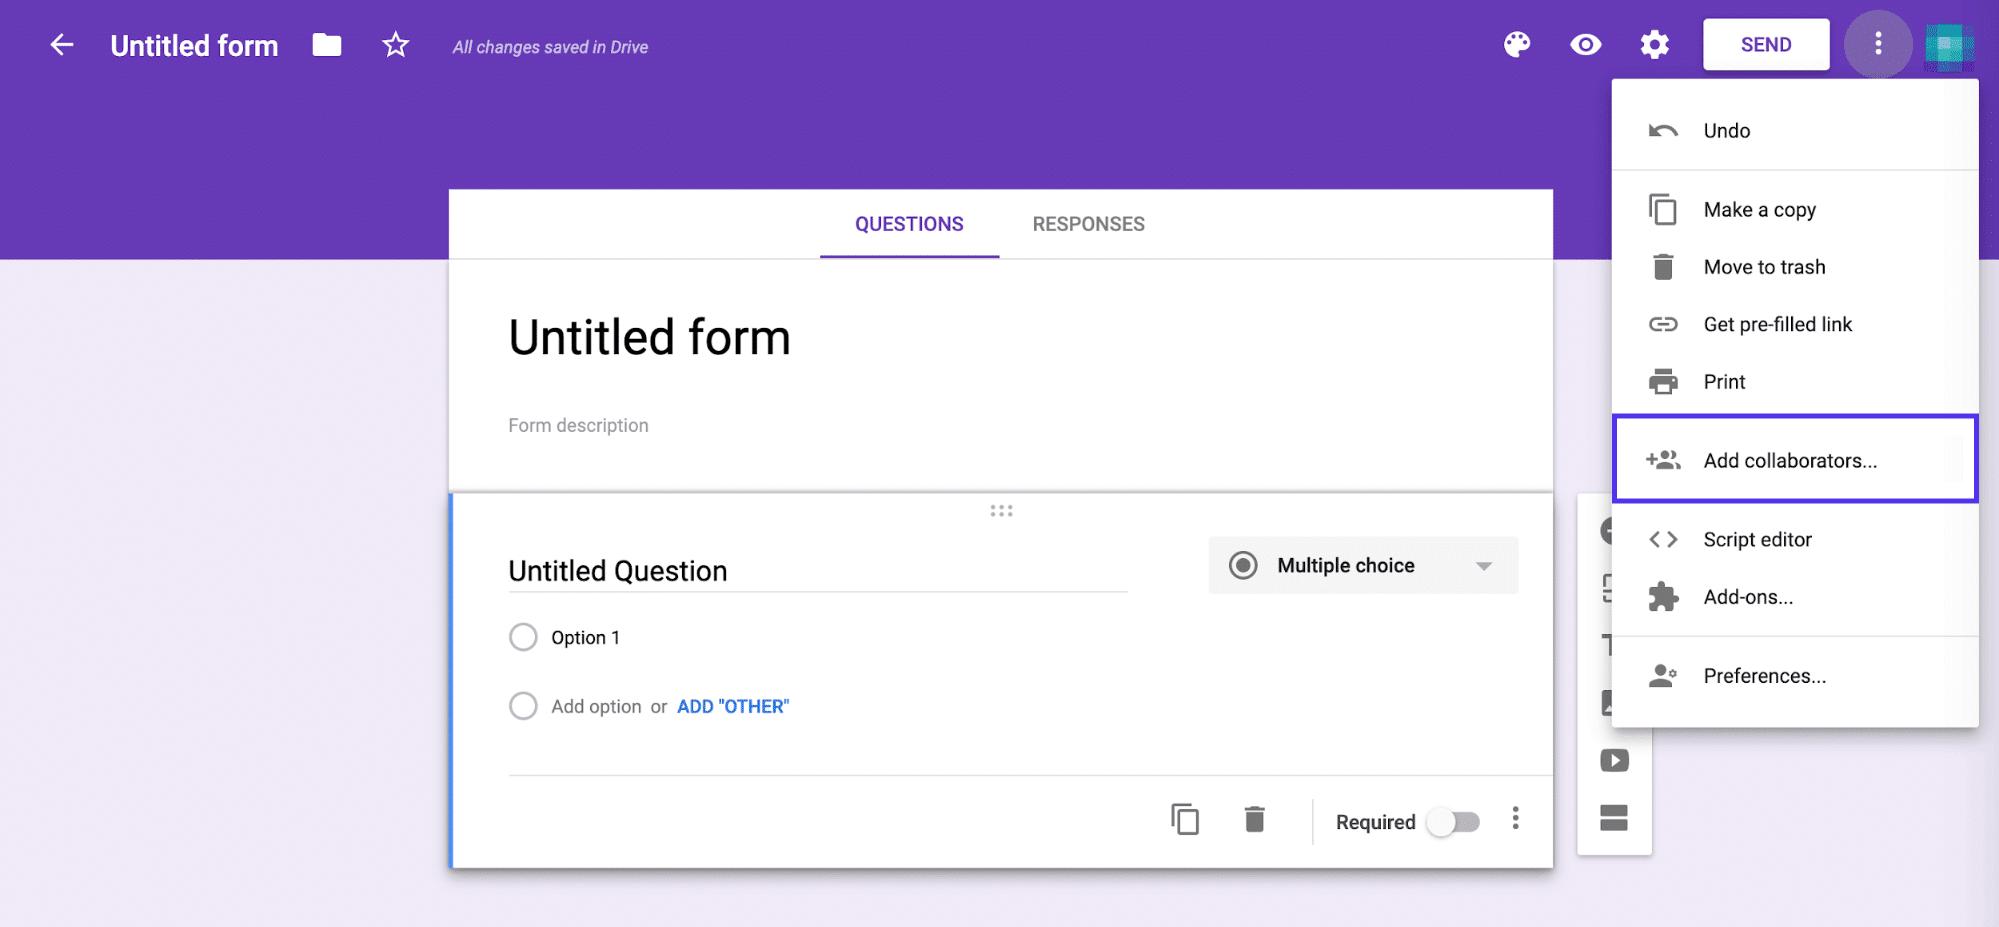 共同編集者をGoogleフォームに追加する